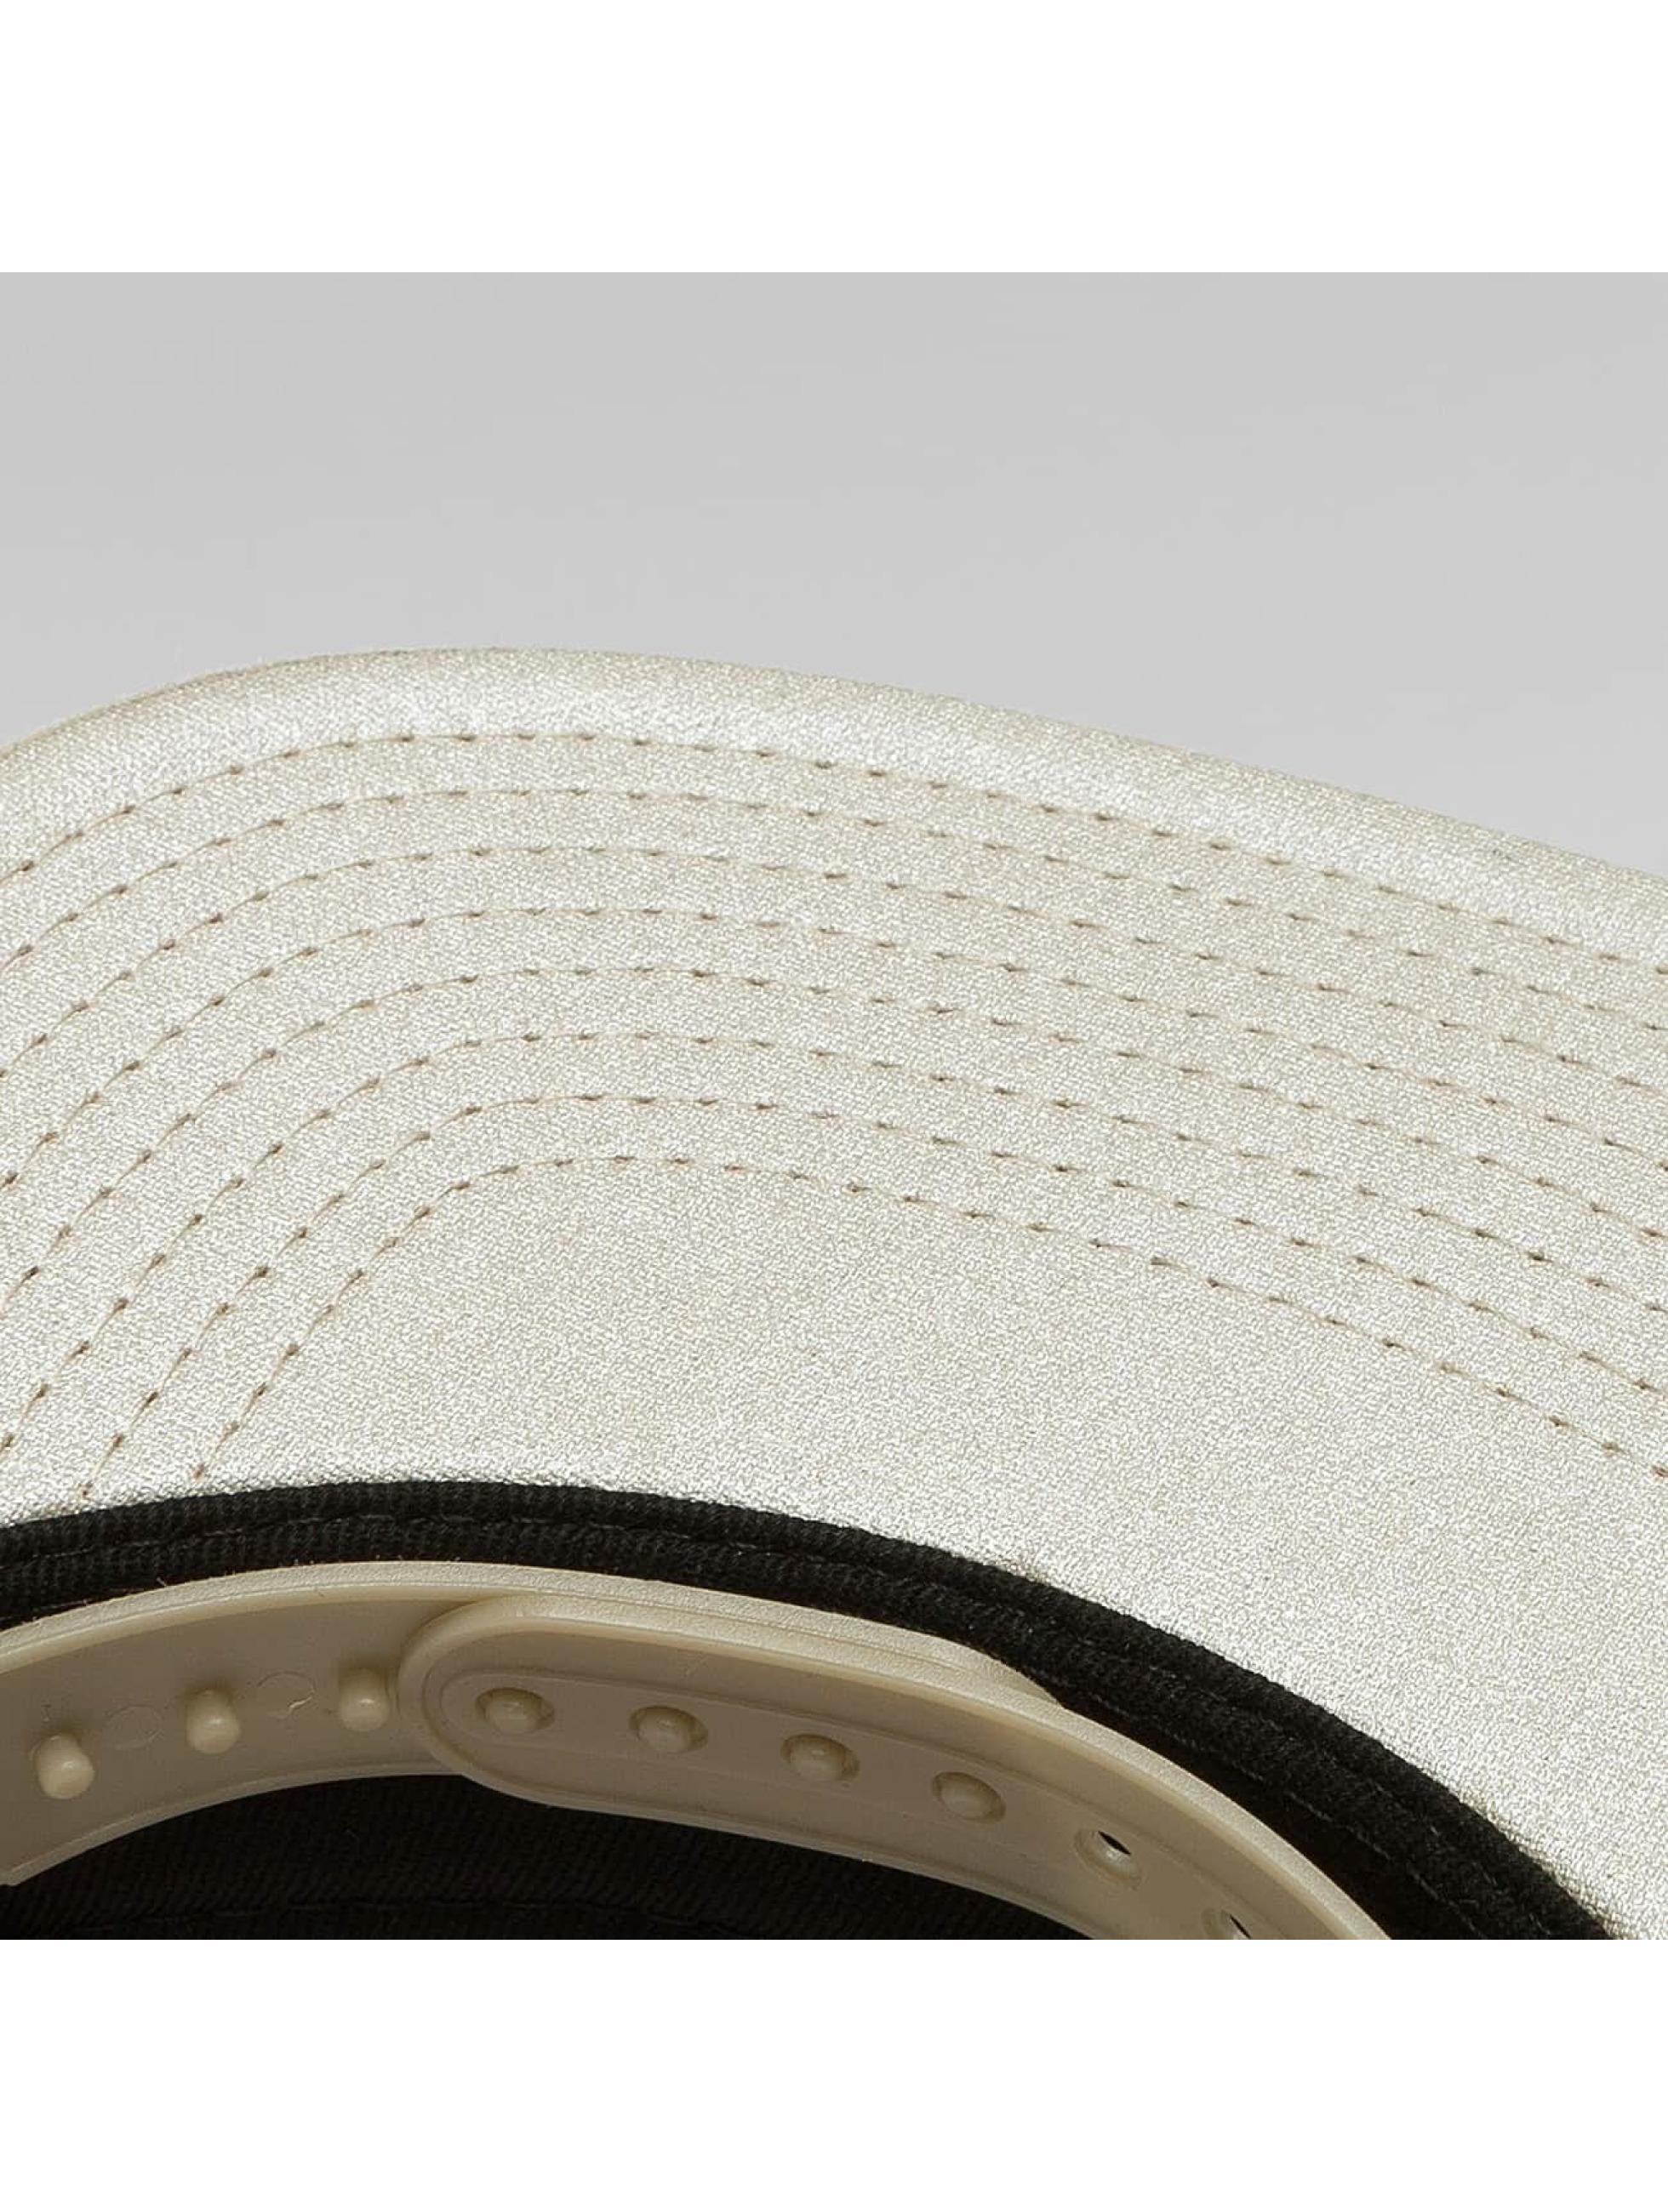 Mitchell & Ness Snapback Italian Washed béžová